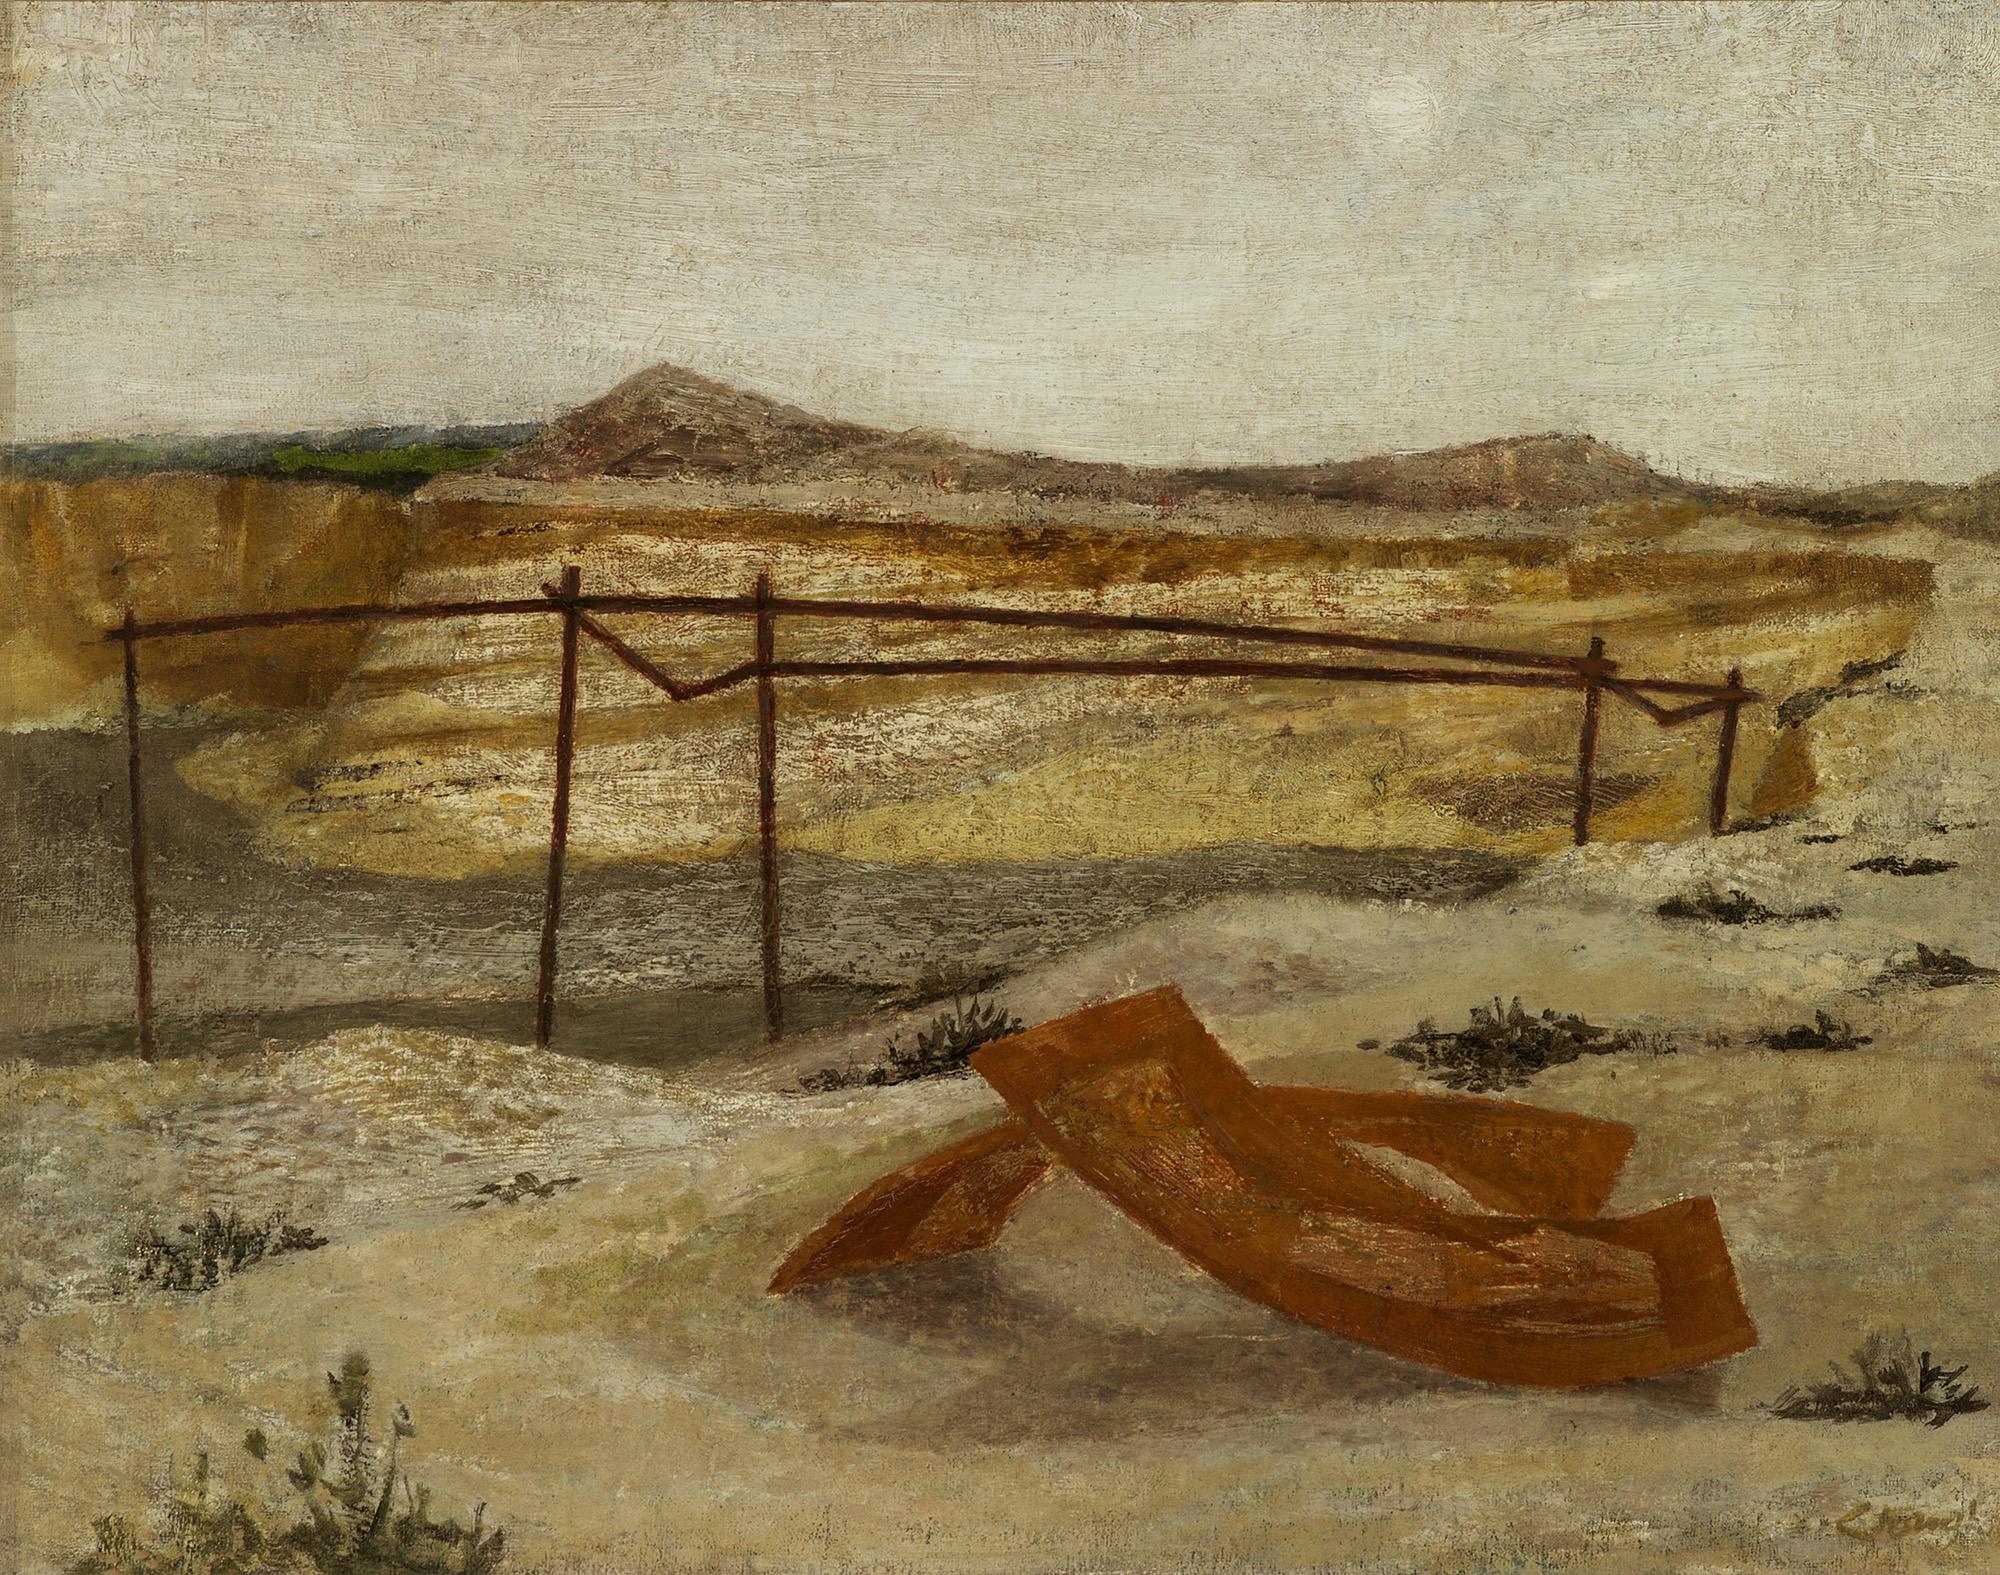 Deserted Gravel Pit